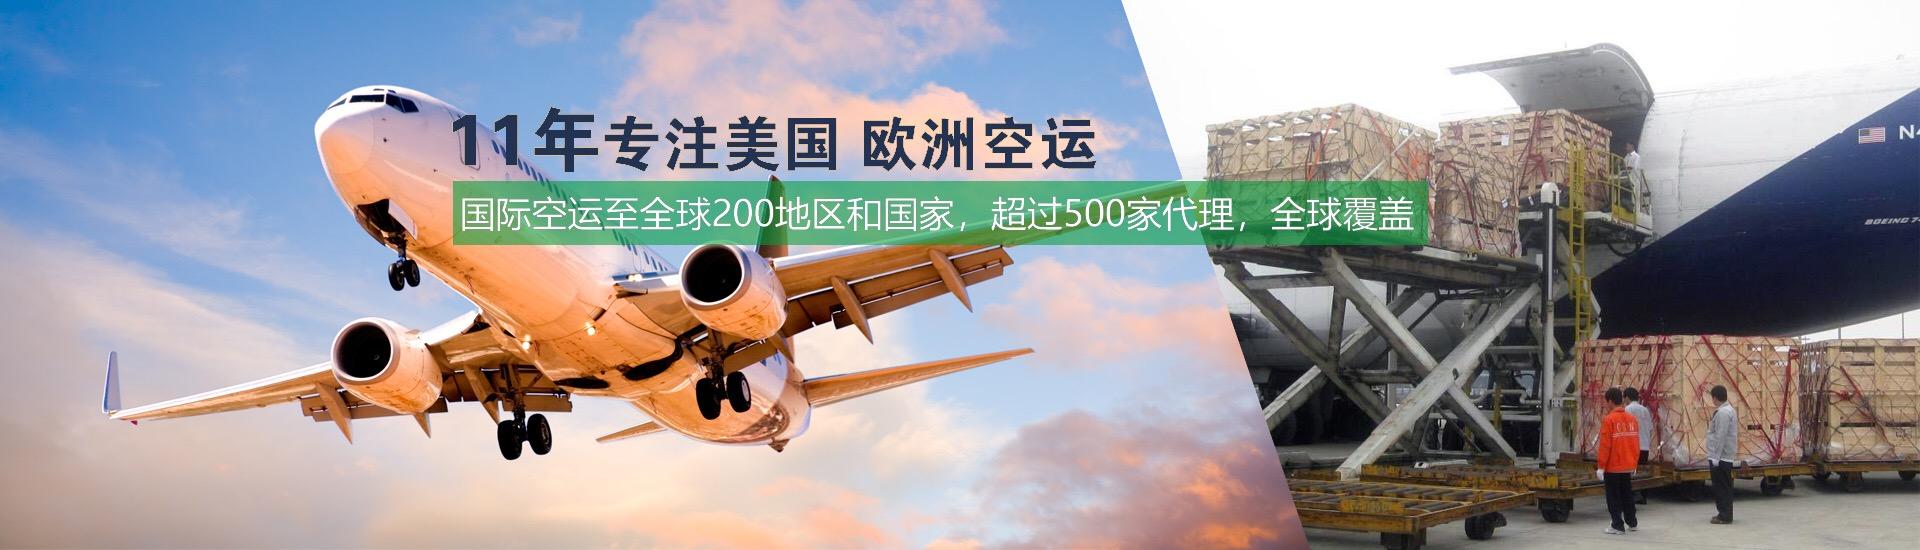 台湾进口到国内空运客户案例